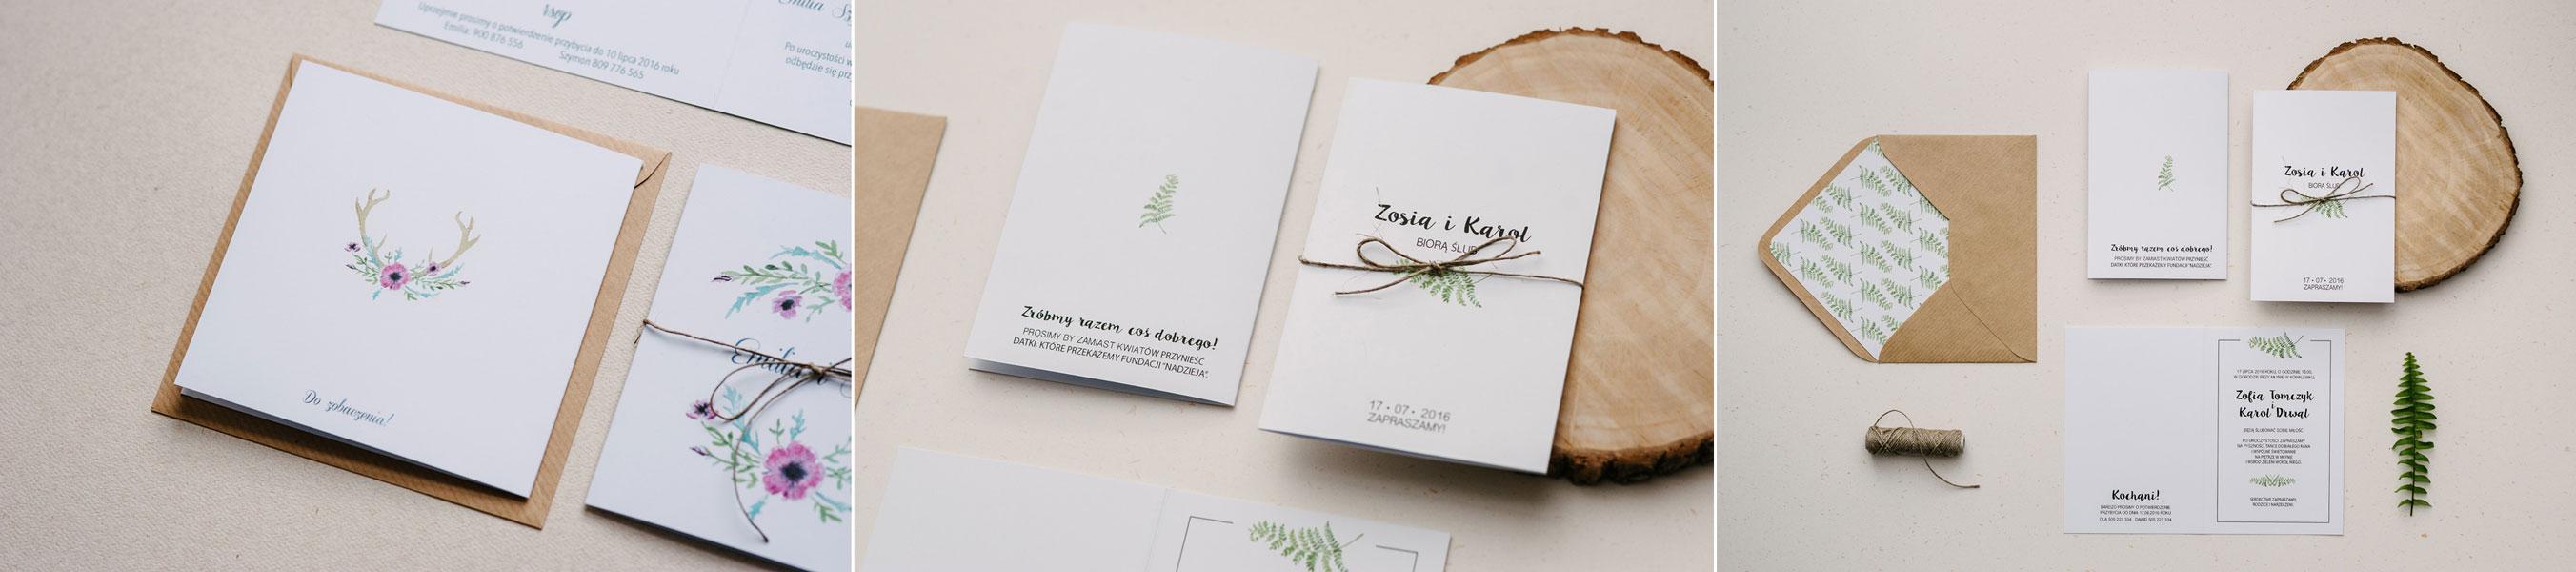 Przykładowe Teksty Do Zaproszeń ślubnych